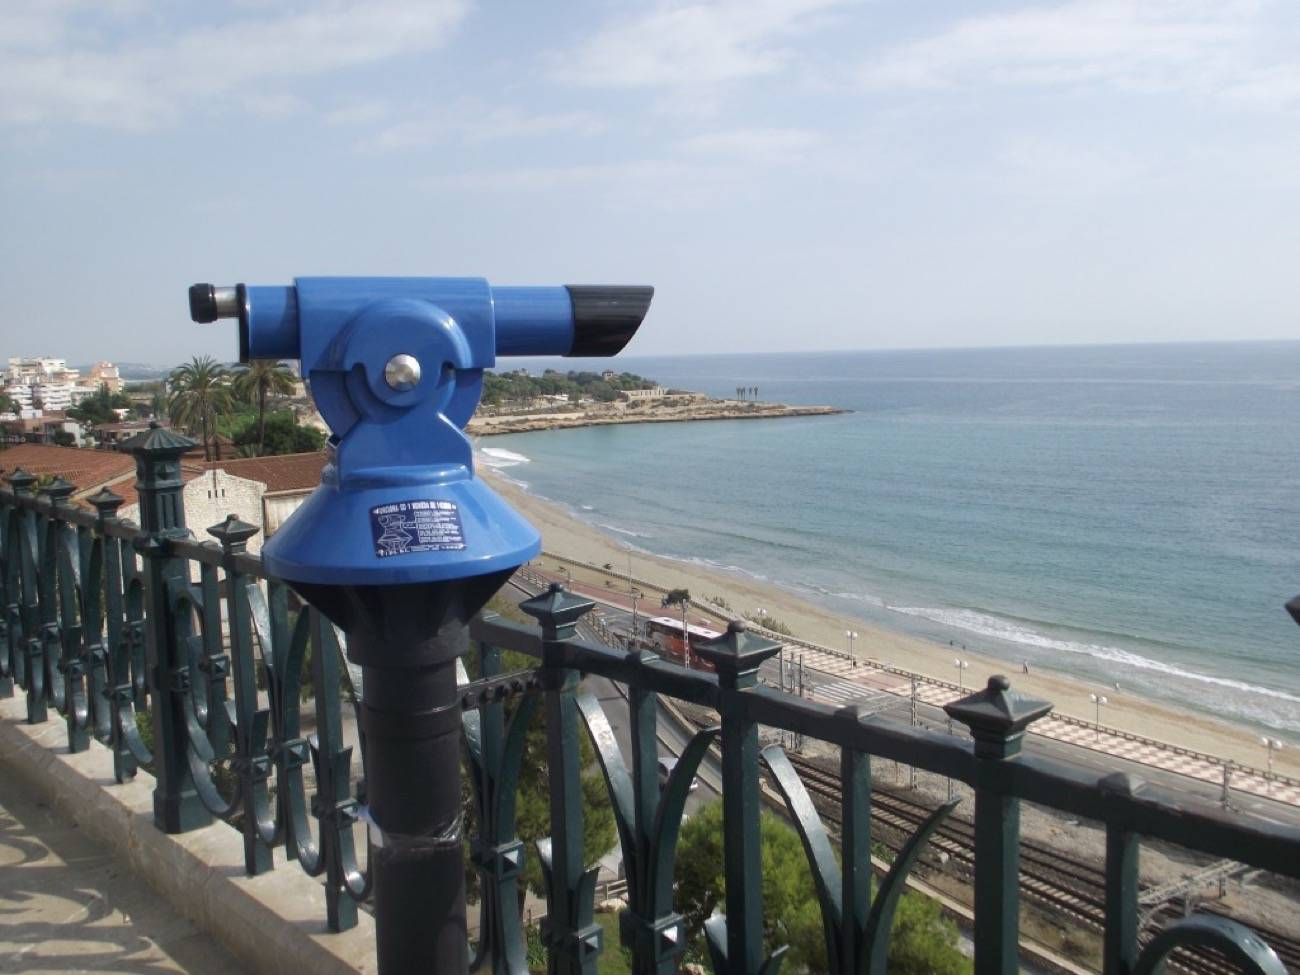 viajero o turista - mirador y mar